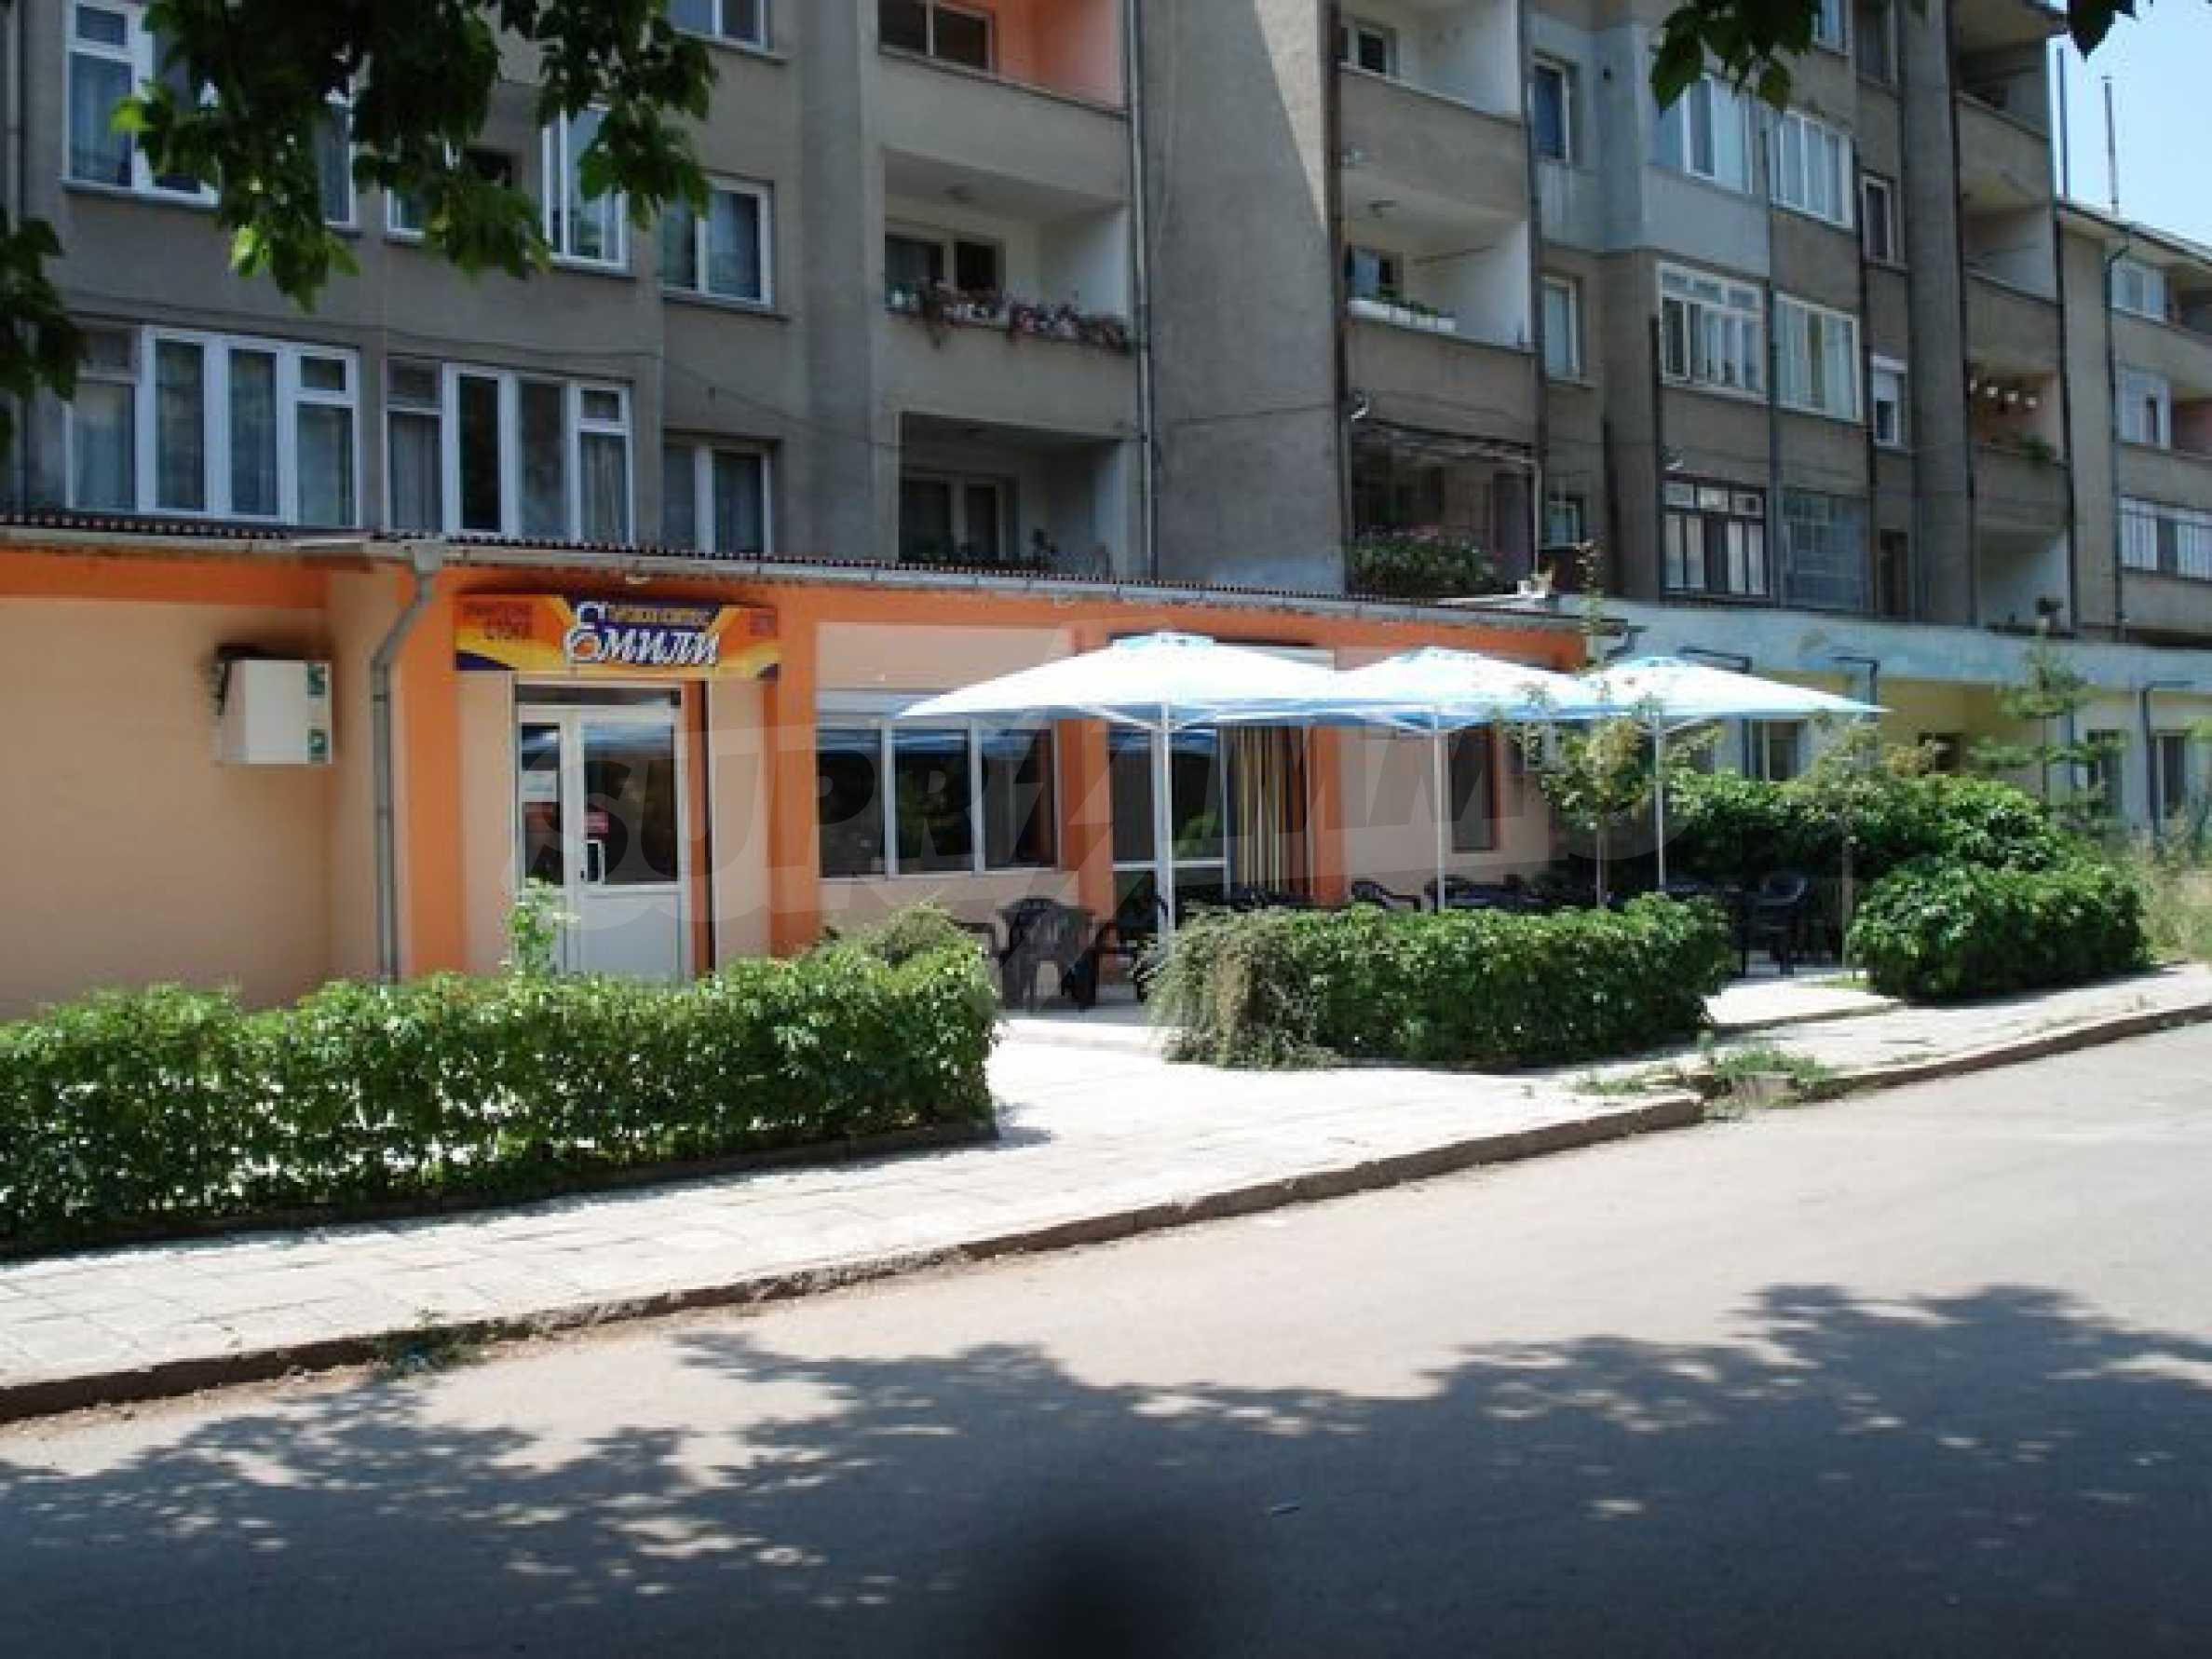 Кафе и магазин в городе Видин